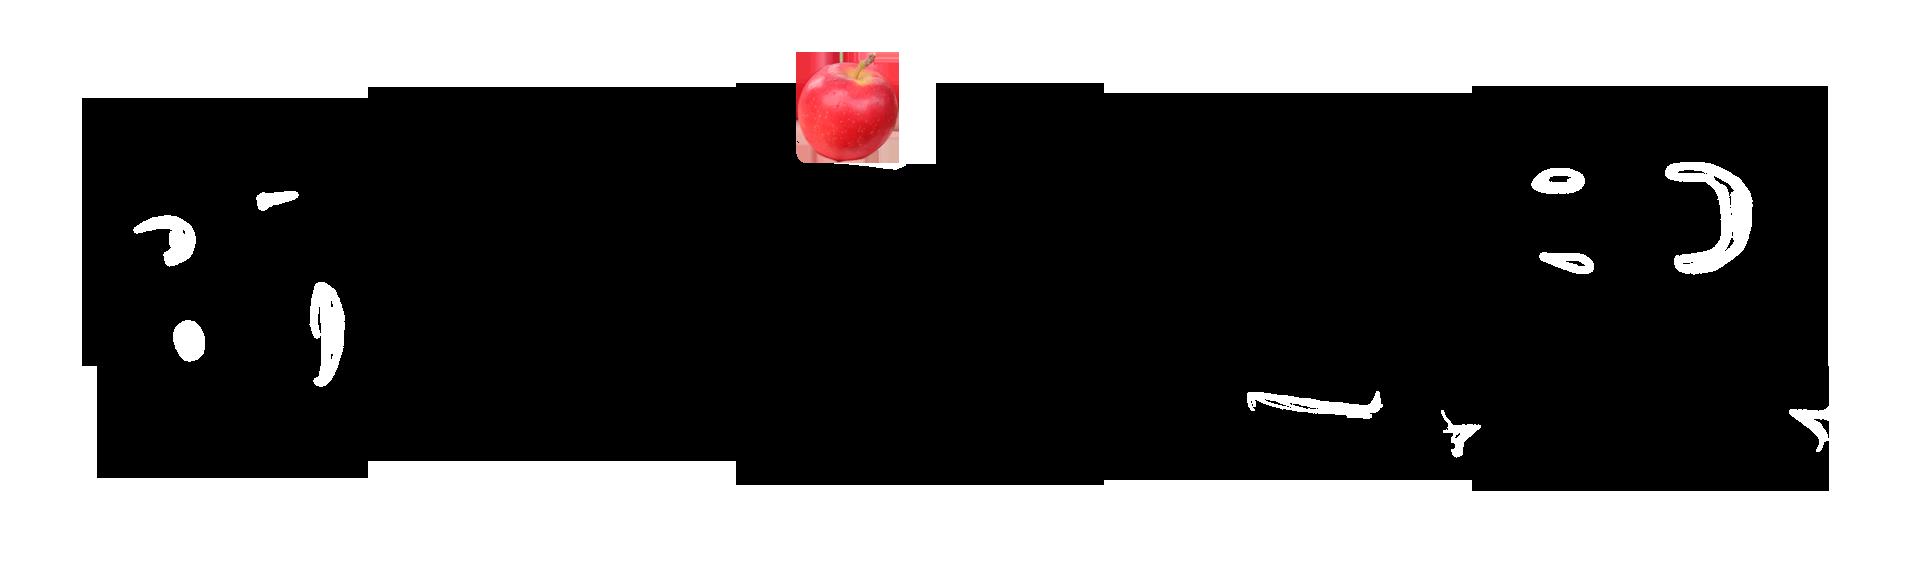 阿成水果行